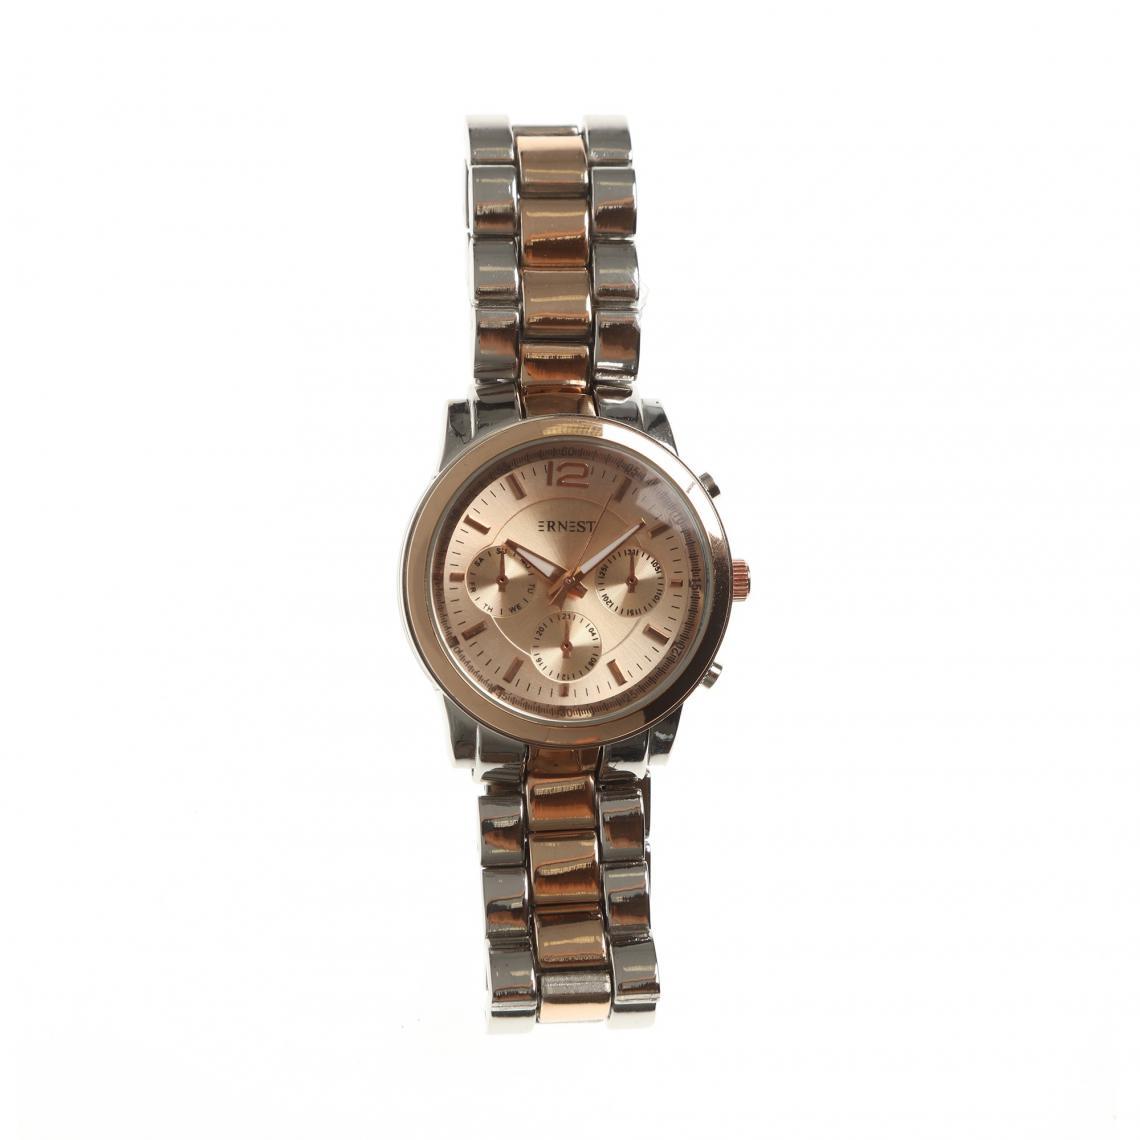 Montre analogique bracelet métallique - 3 suisses - Modalova